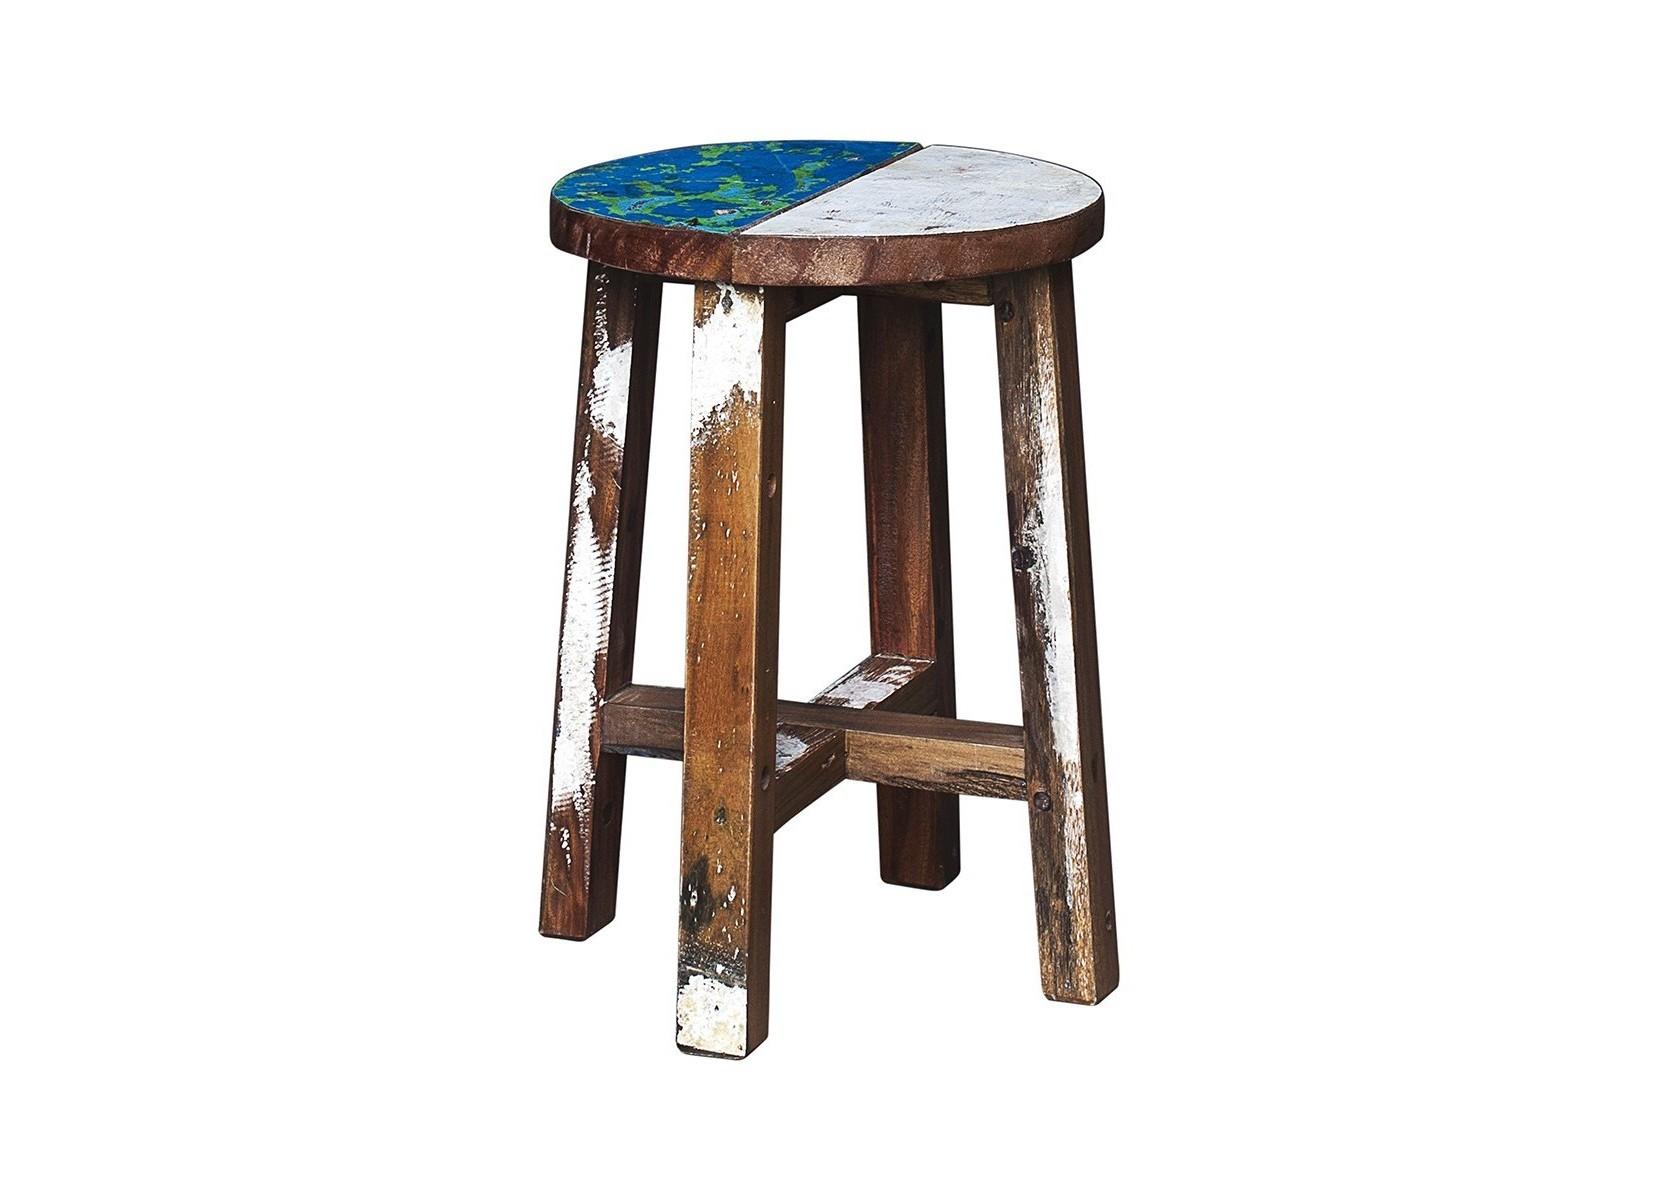 Табурет КингТабуреты<br>Табурет, выполненный из массива древесины старого рыбацкого судна, такой как: тик, махогон, суар, с сохранением оригинальной многослойной окраски.<br><br>Компактный размер делает его идеальным для небольших пространств.<br>Подходит для использования как внутри помещения, так и снаружи.<br>Сборка не требуется.<br>Страна производитель - Индонезия.<br><br>Material: Тик<br>Width см: 30<br>Depth см: 30<br>Height см: 45